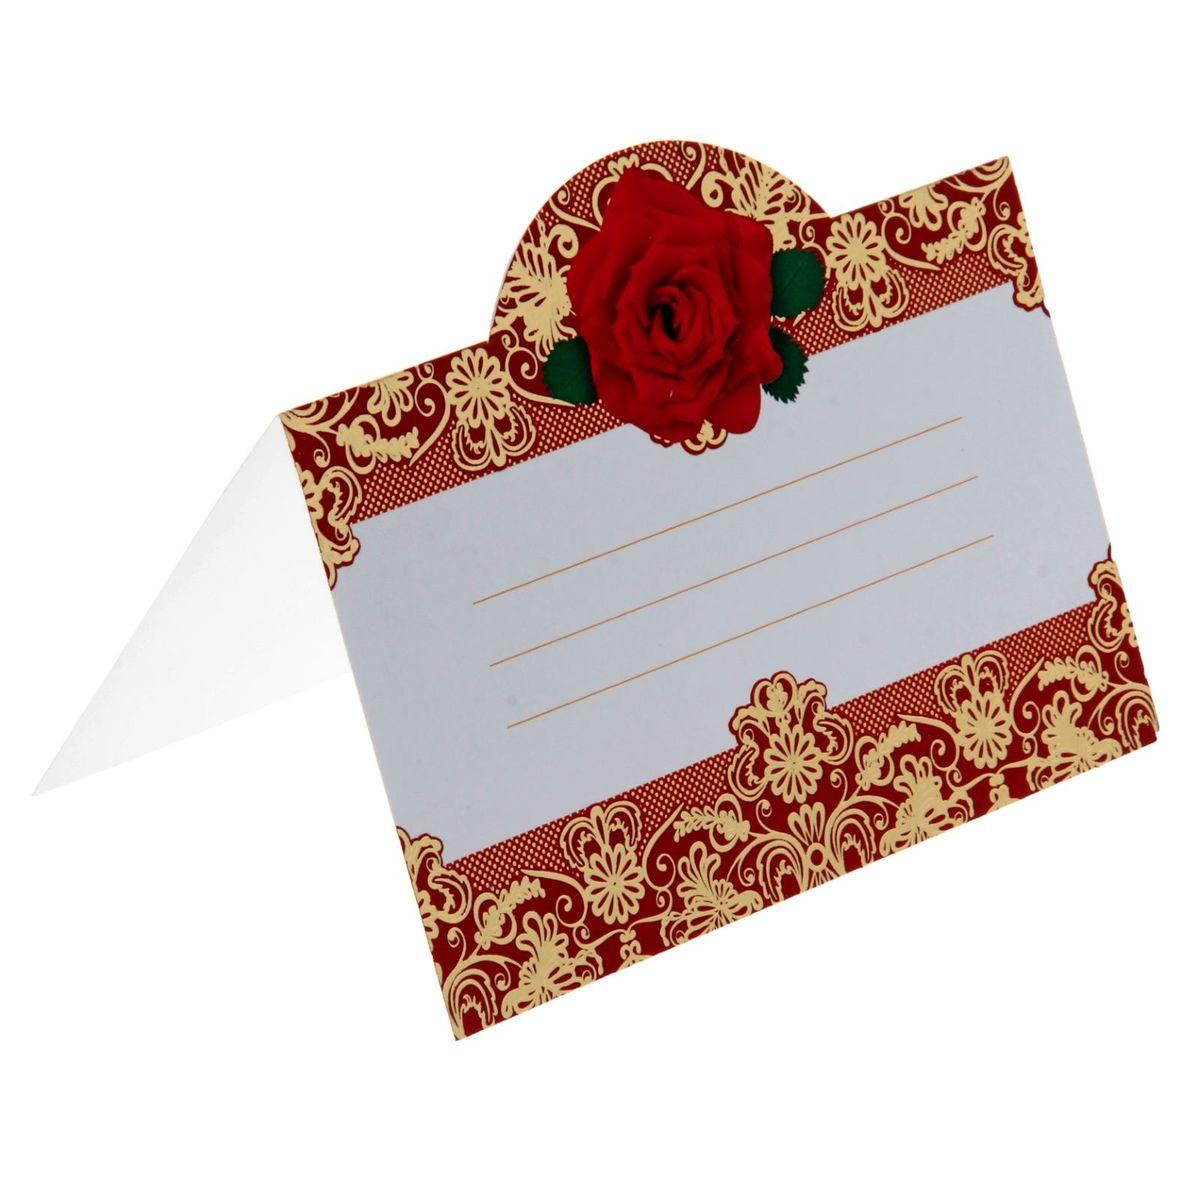 Русский дизайн Банкетная карточка, рисунок - красная роза, цвет красно-золотой09840-20.000.00Красиво оформленный свадебный стол— это эффектное, неординарное и очень значимое обрамление для проведения любого запланированного вами торжества. Банкетная карточка — это красивое и оригинальное украшение зала, которое дополнит выдержанный стиль мероприятия и передаст праздничное настроение вам и вашим гостям.